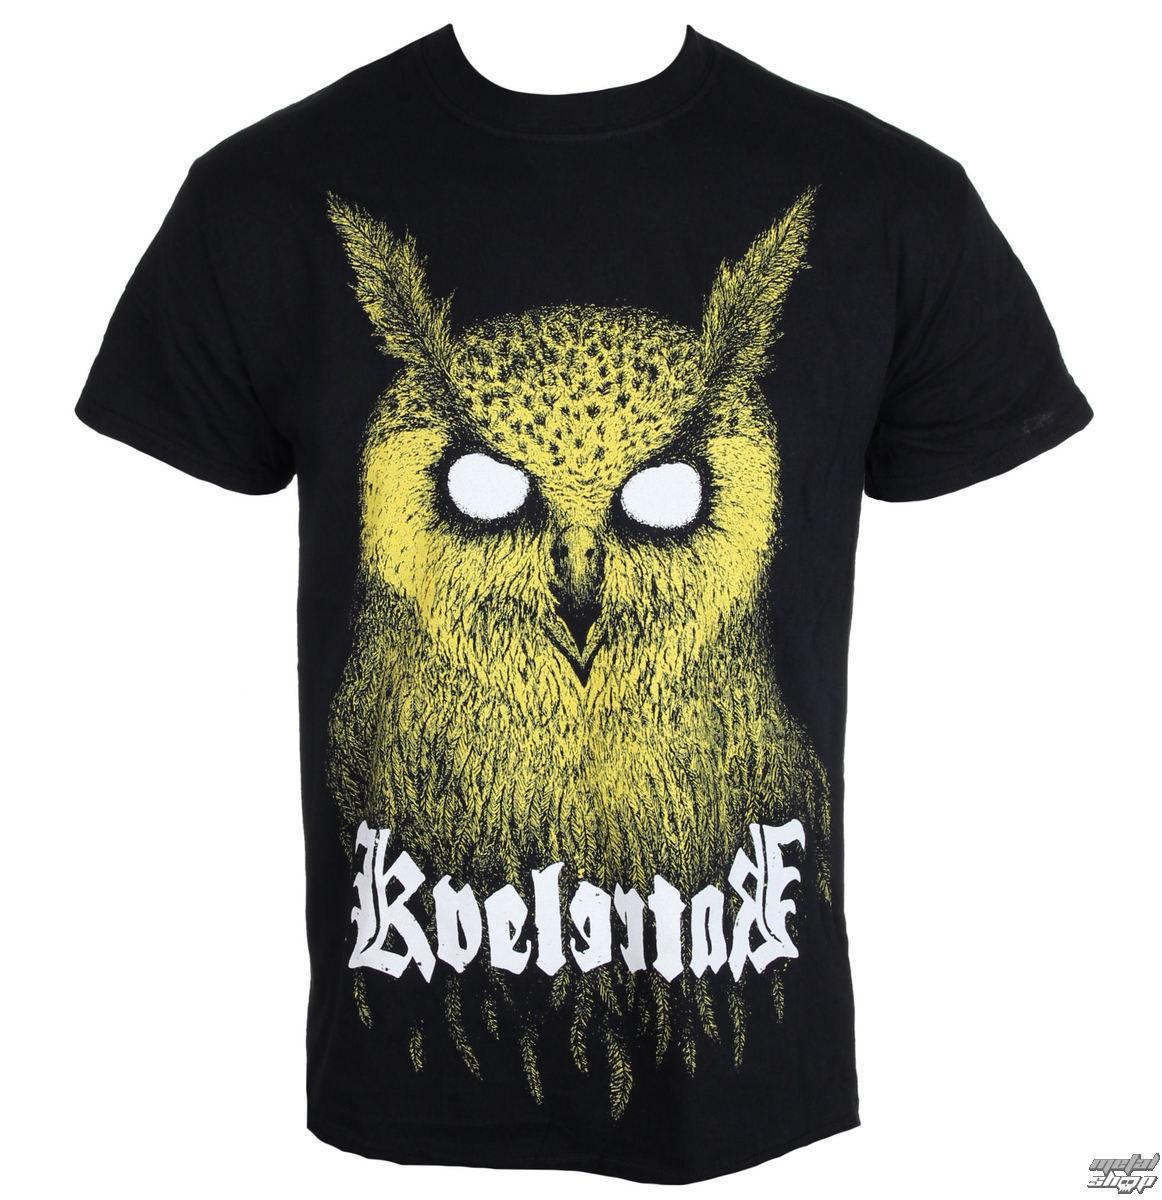 T-shirts Owl King T-shirt Kvelertak Herrenmode